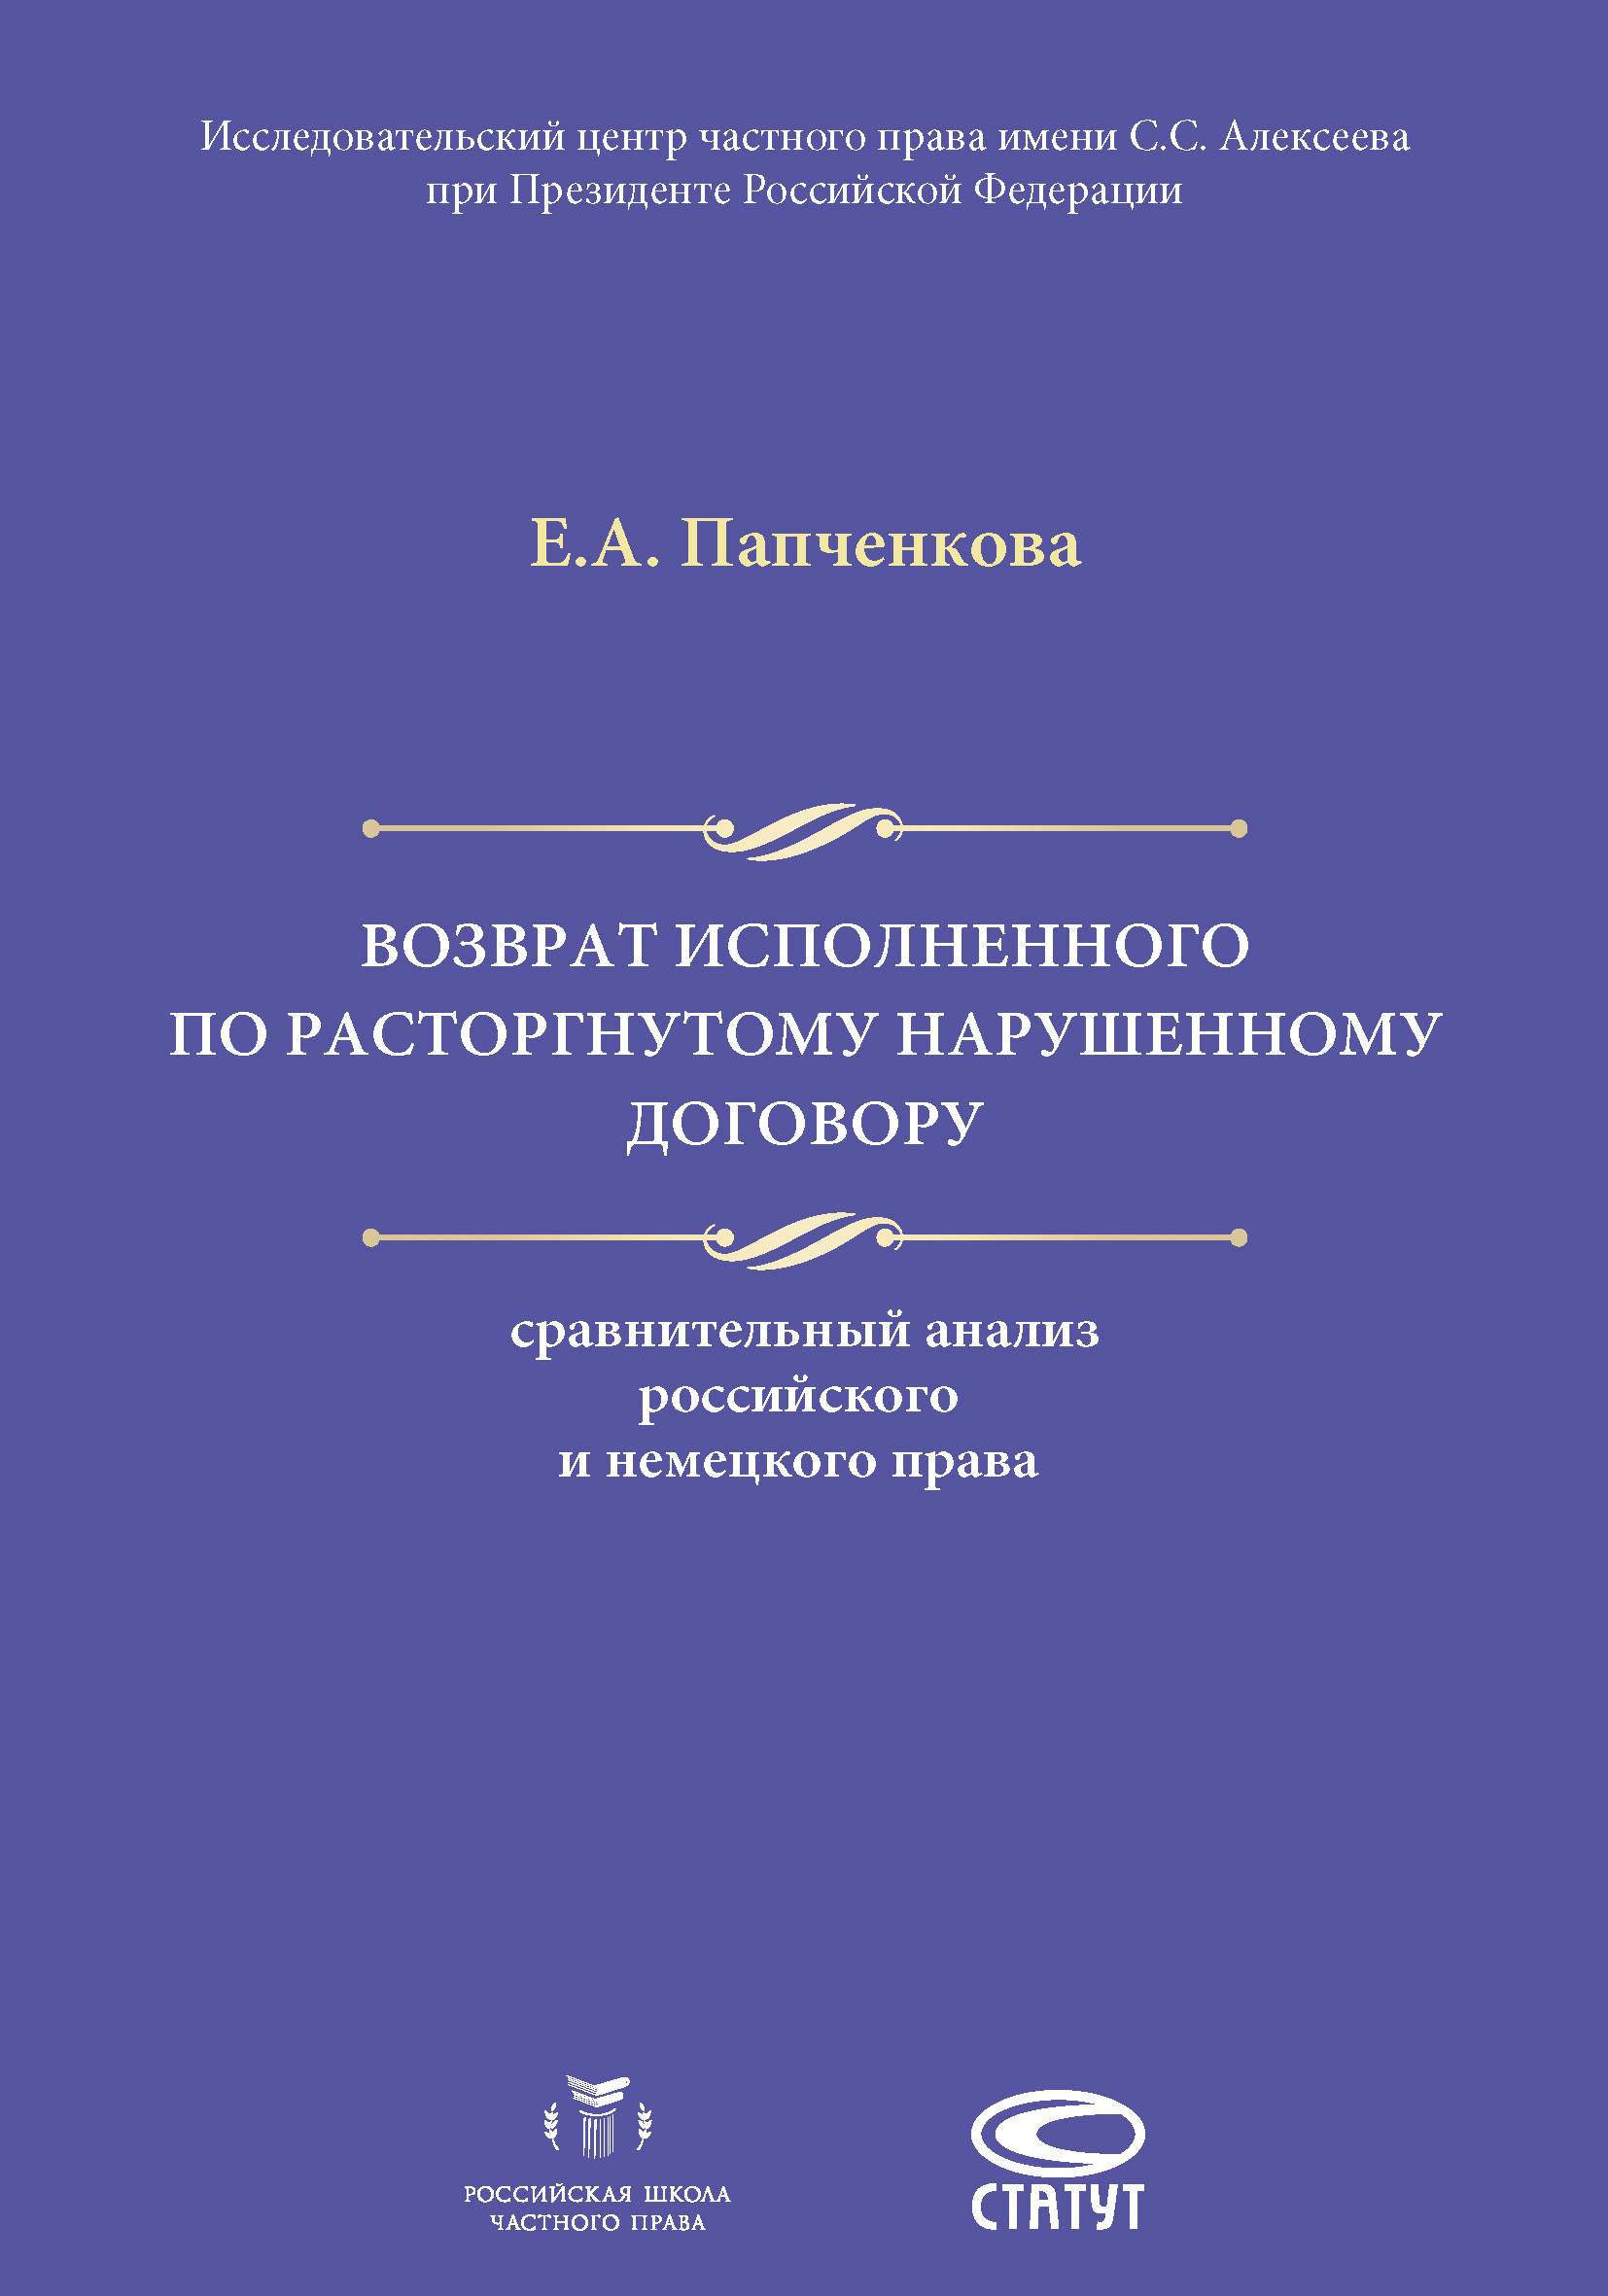 Е. А. Папченкова Возврат исполненного по расторгнутому нарушенному договору: сравнительный анализ российского и немецкого права